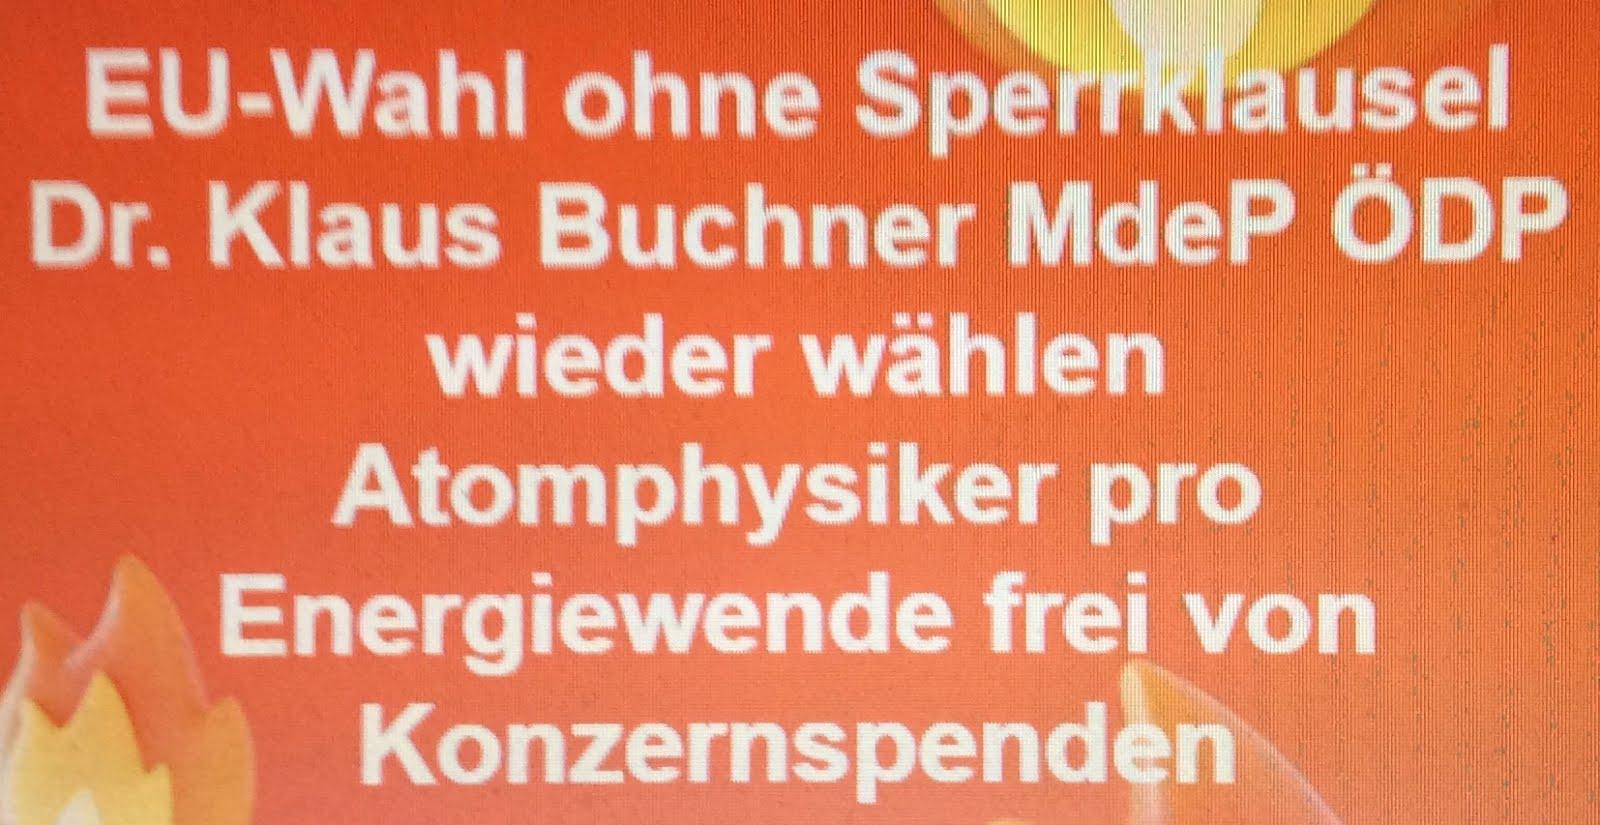 Prof. Dr. Klaus Buchner (ÖDP) gehört zu den aktivsten MdeP aus Deutschland.